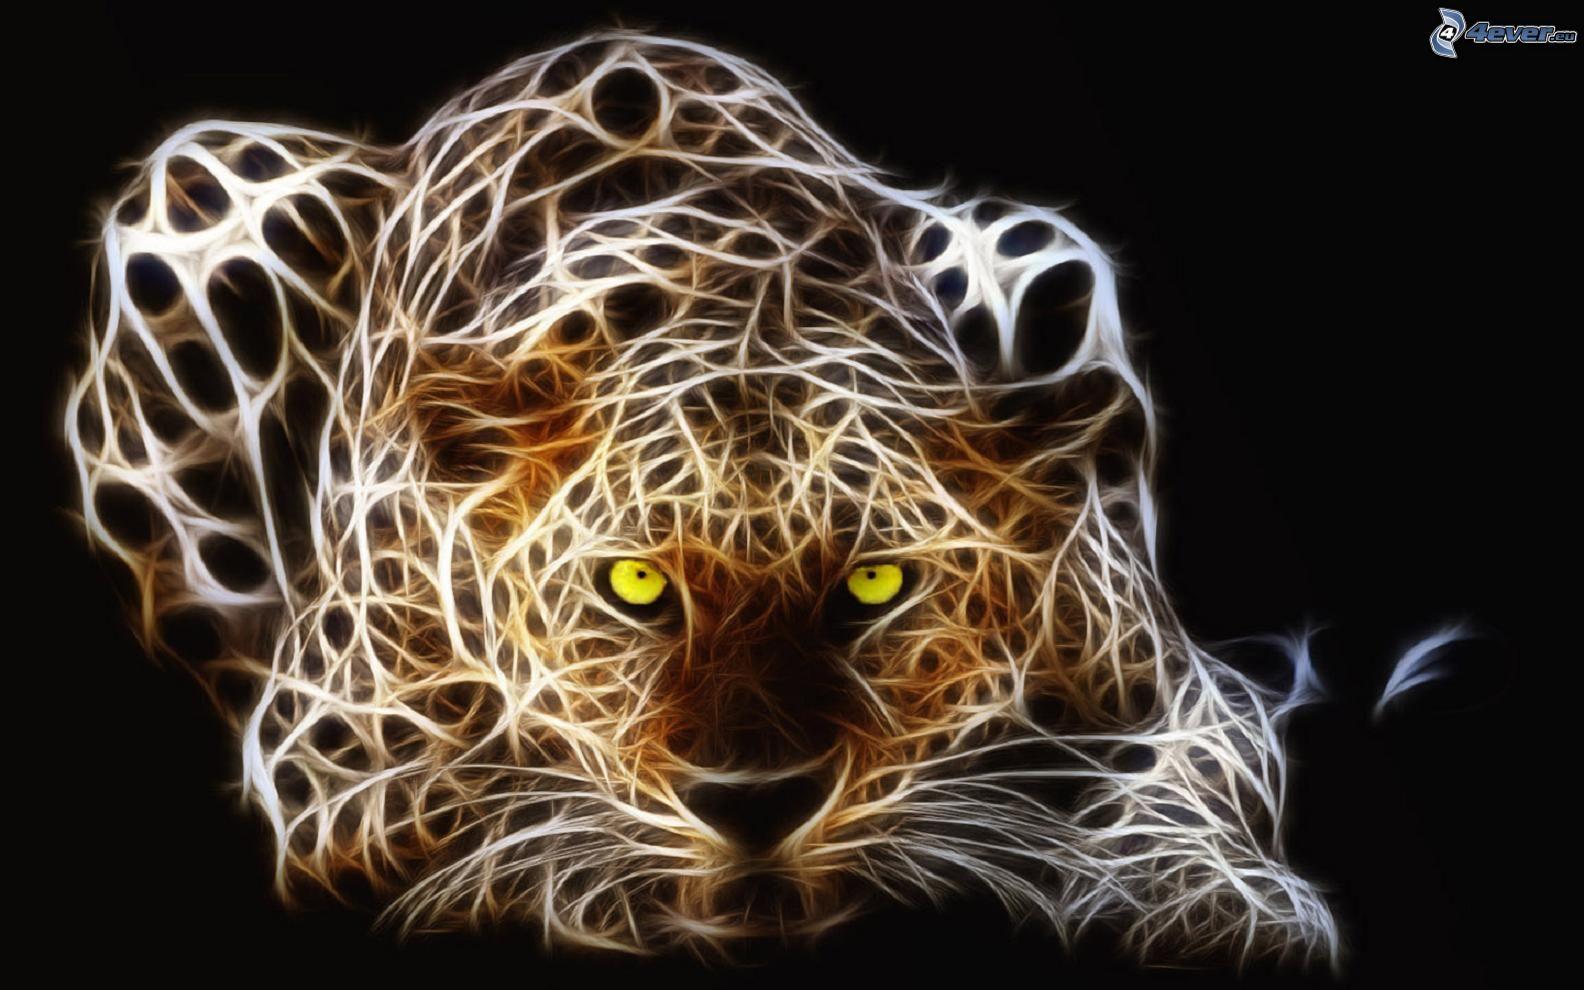 tiger fractal cats e - photo #1